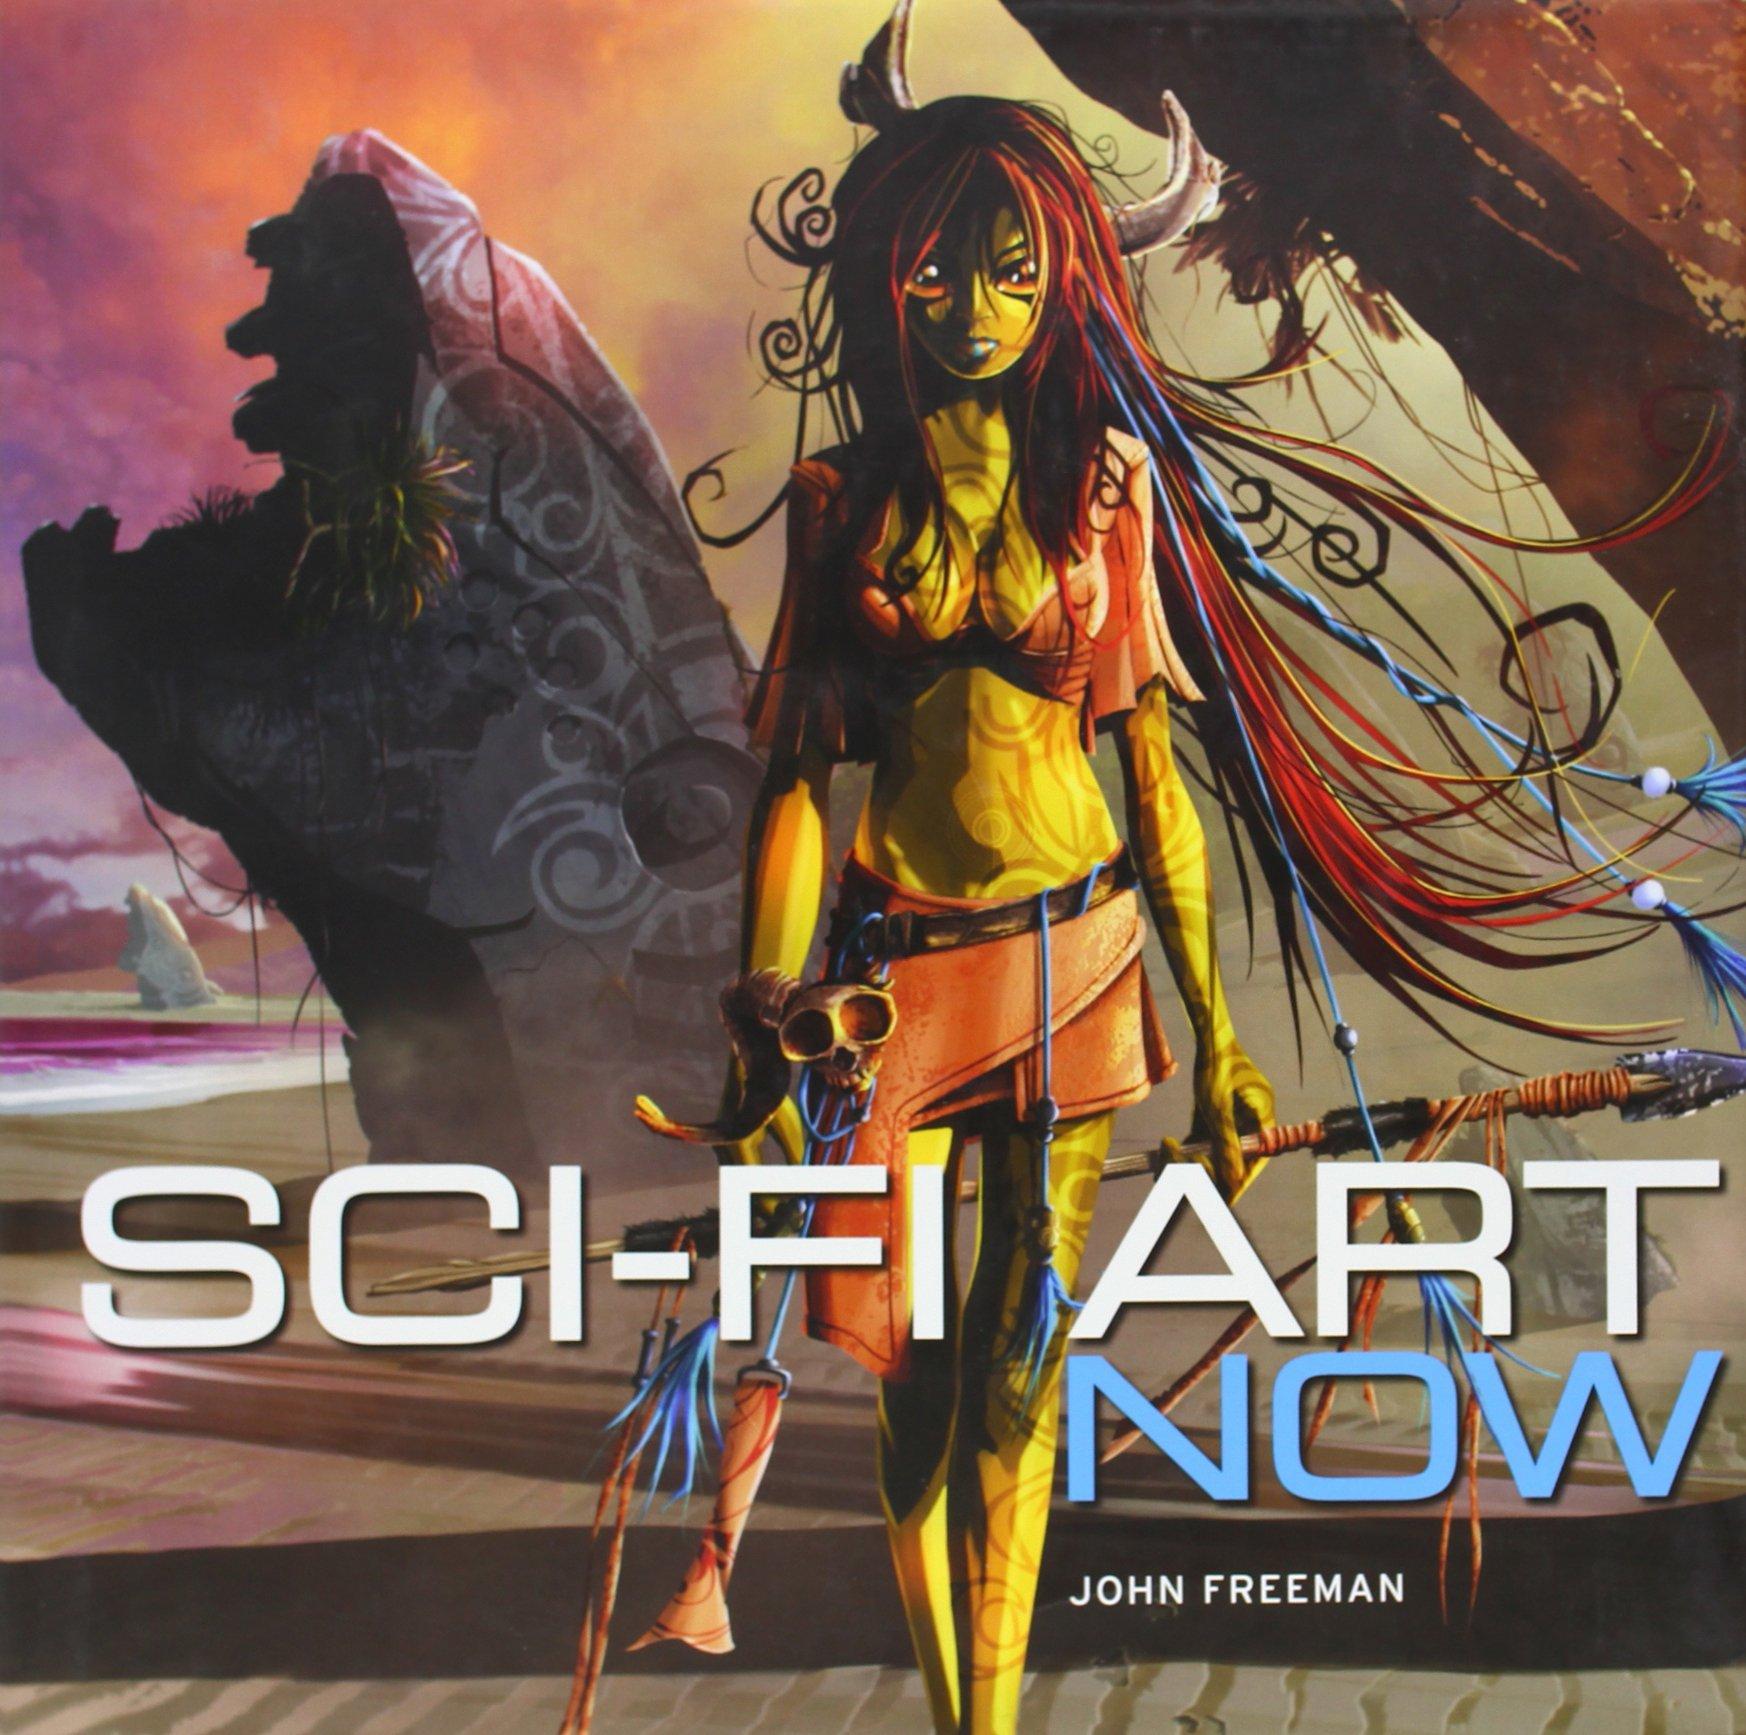 Sci-fi ArtNow